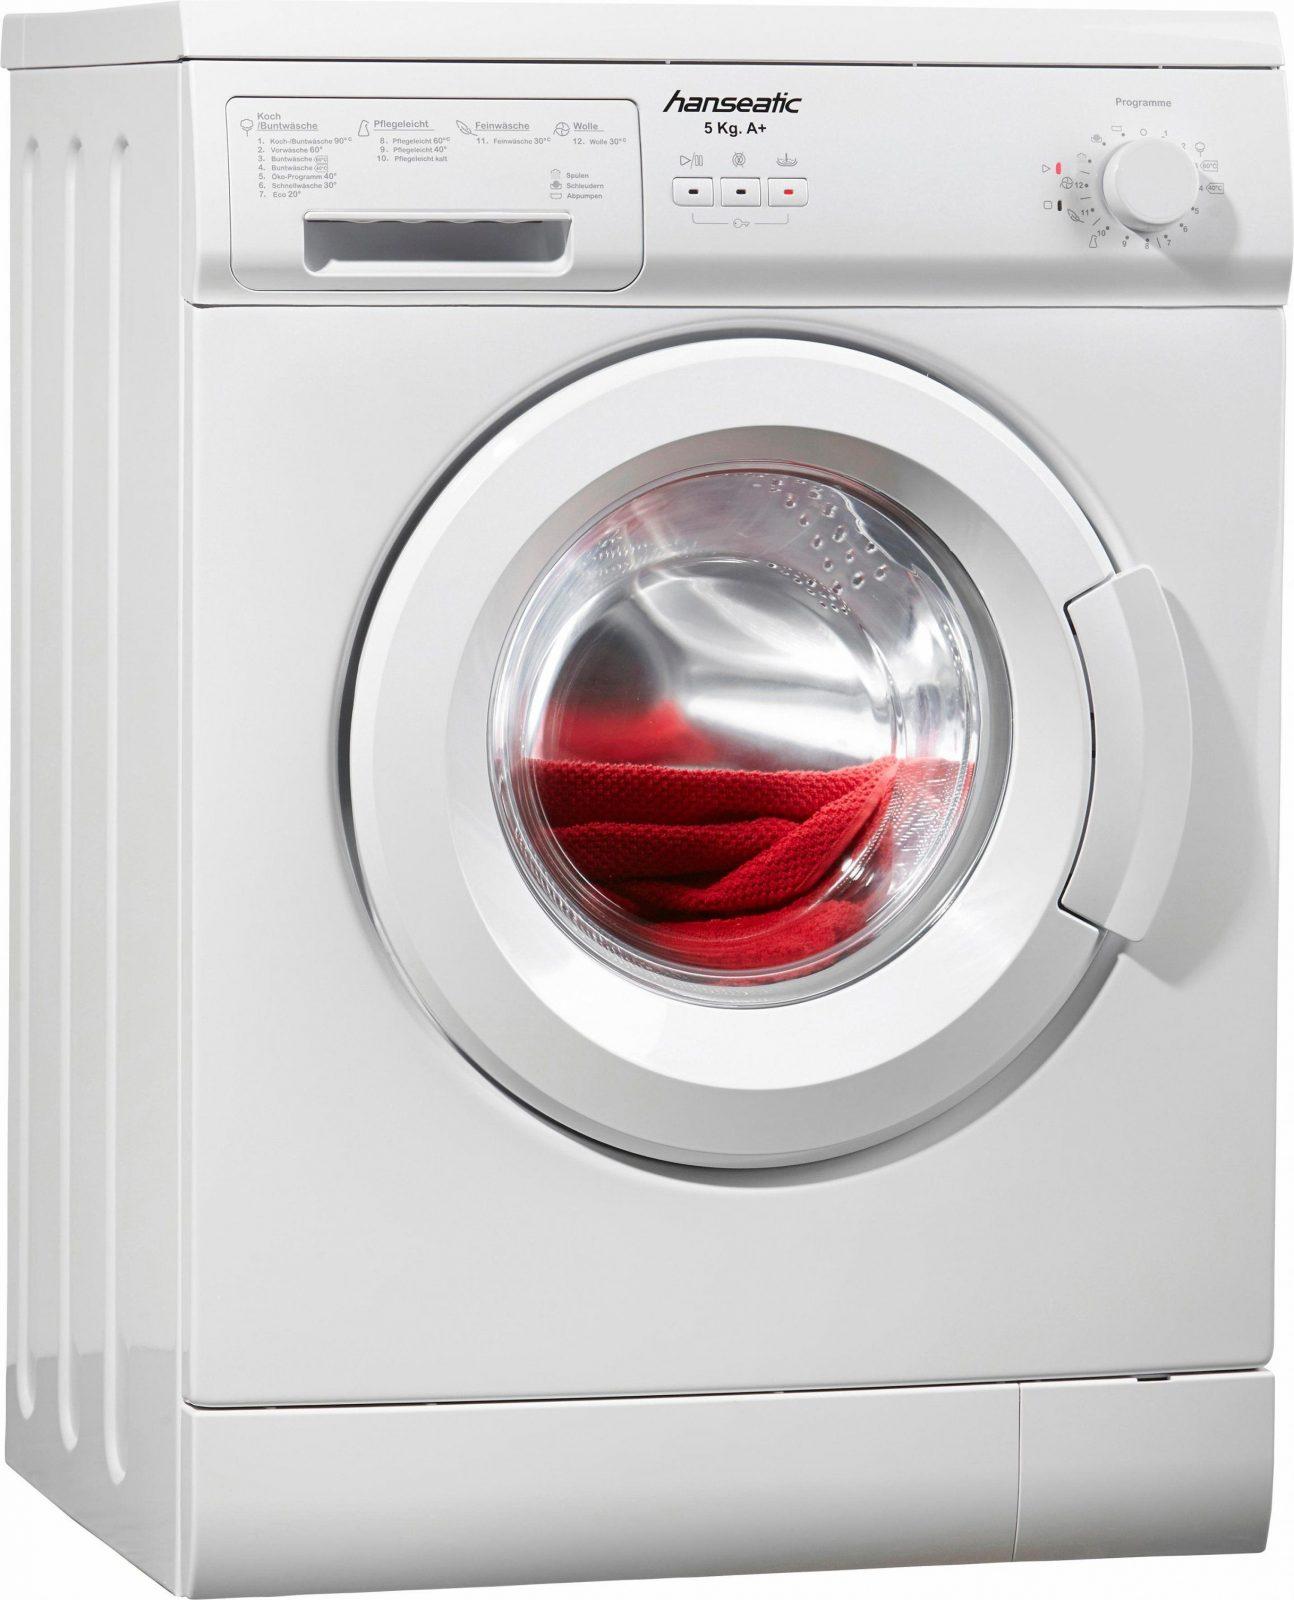 Beko Wml 51231 E Waschmaschine Im Test 2018 von Beko Wmb 71443 Pte Stiftung Warentest Bild